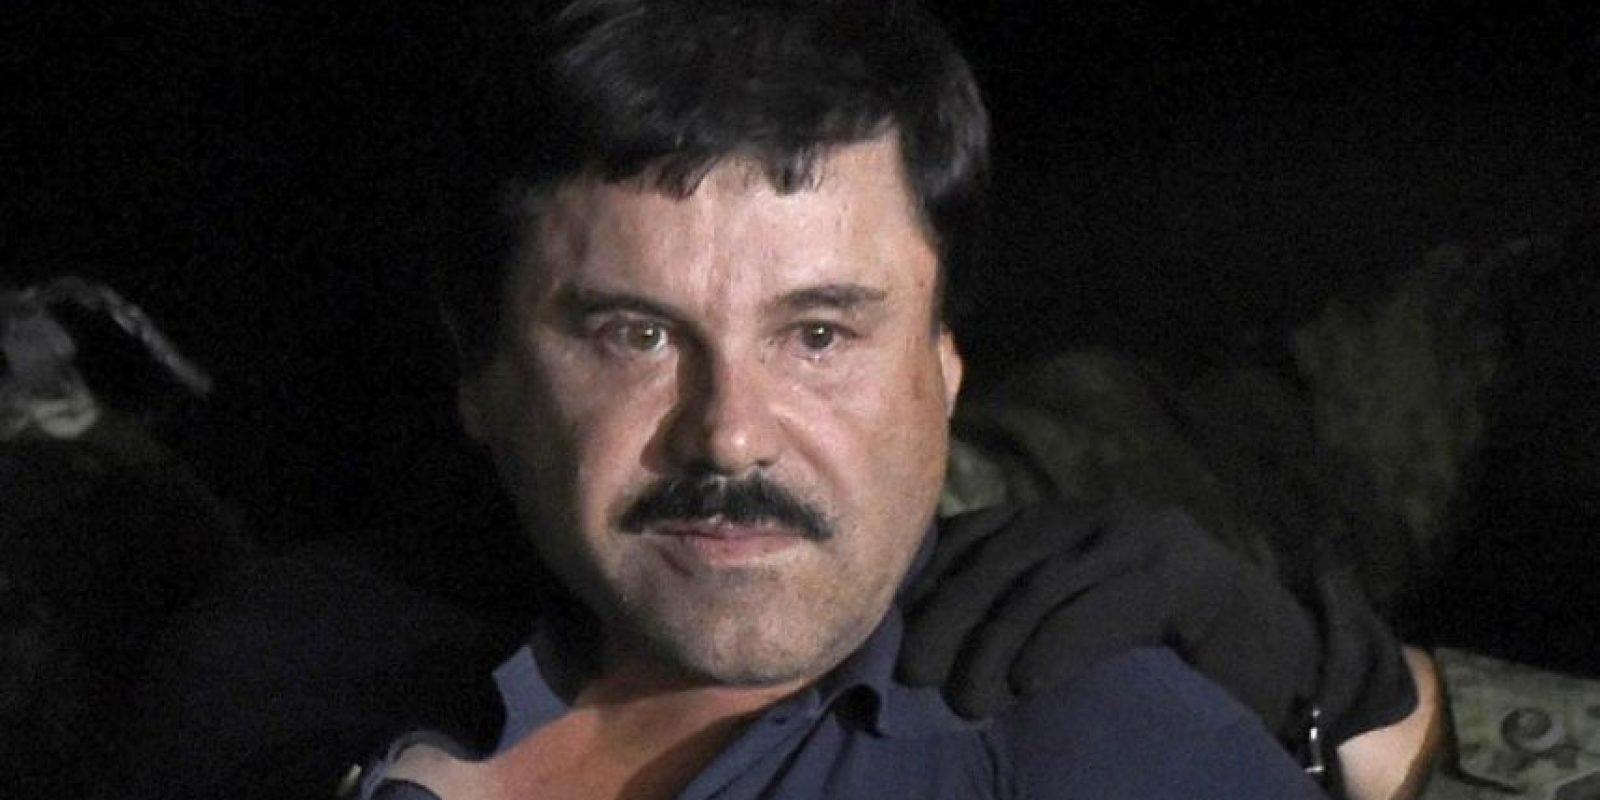 """Las 8 medidas de seguridad extrema para que """"El Chapo"""" Guzmán no escape de prisión Foto:AFP. Imagen Por:"""